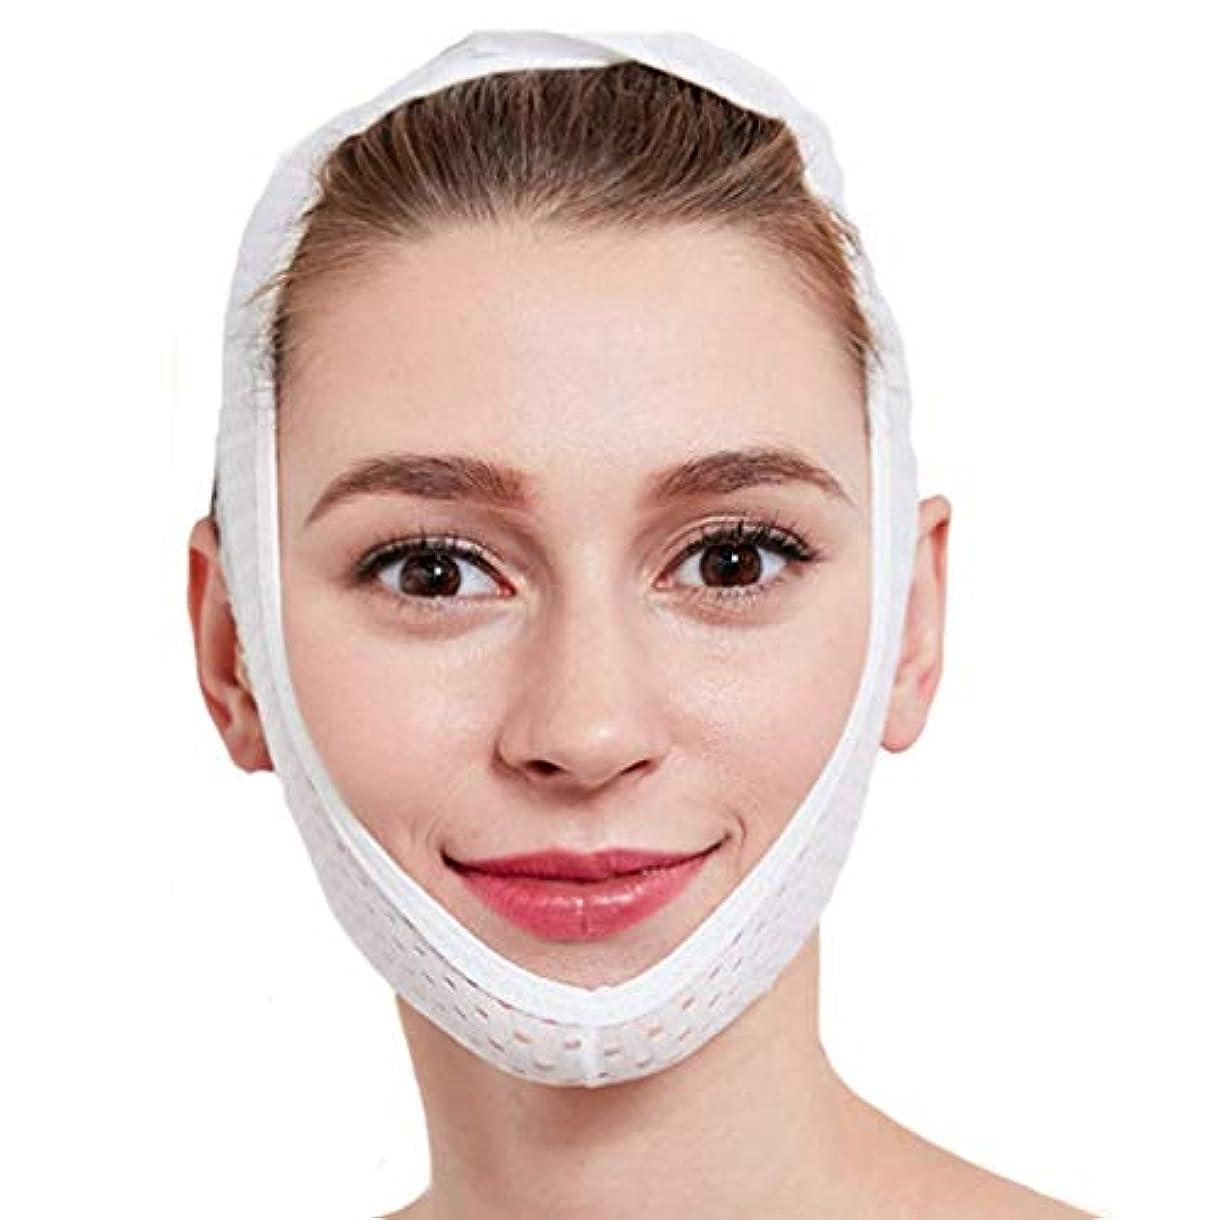 危険を冒します最適名声小顔リフトアップベルト 小顔補正ベルト 小顔補正 美容グッズ 二重あご シェイプアップ 加圧マスク ベルト